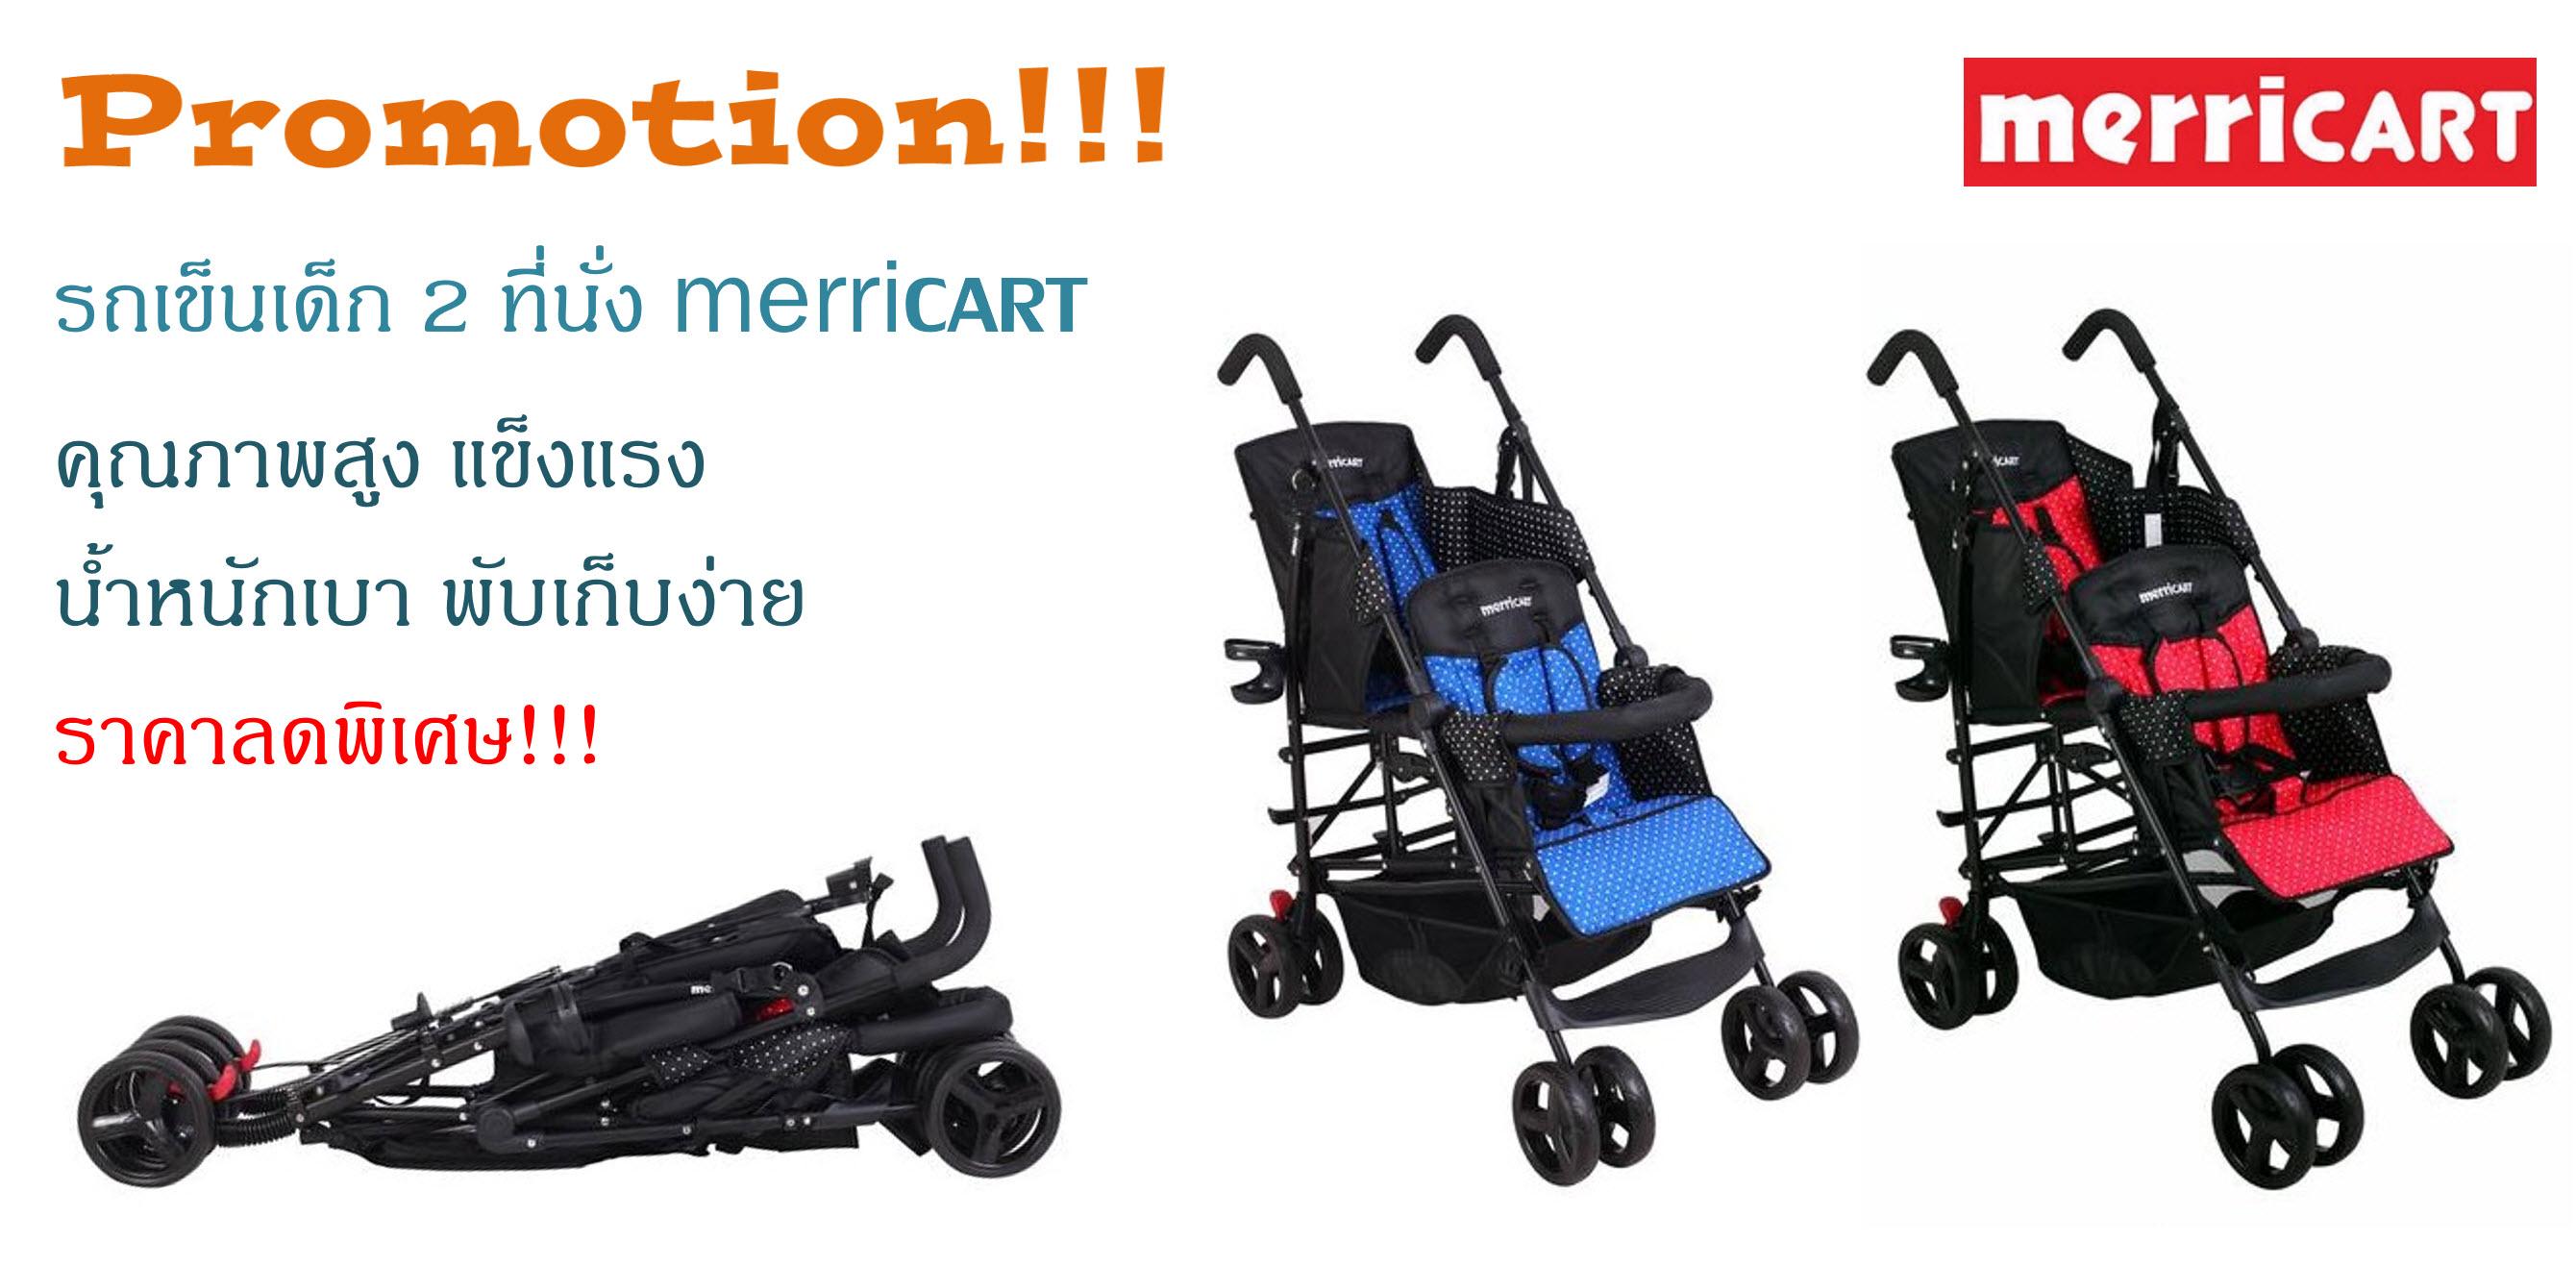 MerriCart strollers